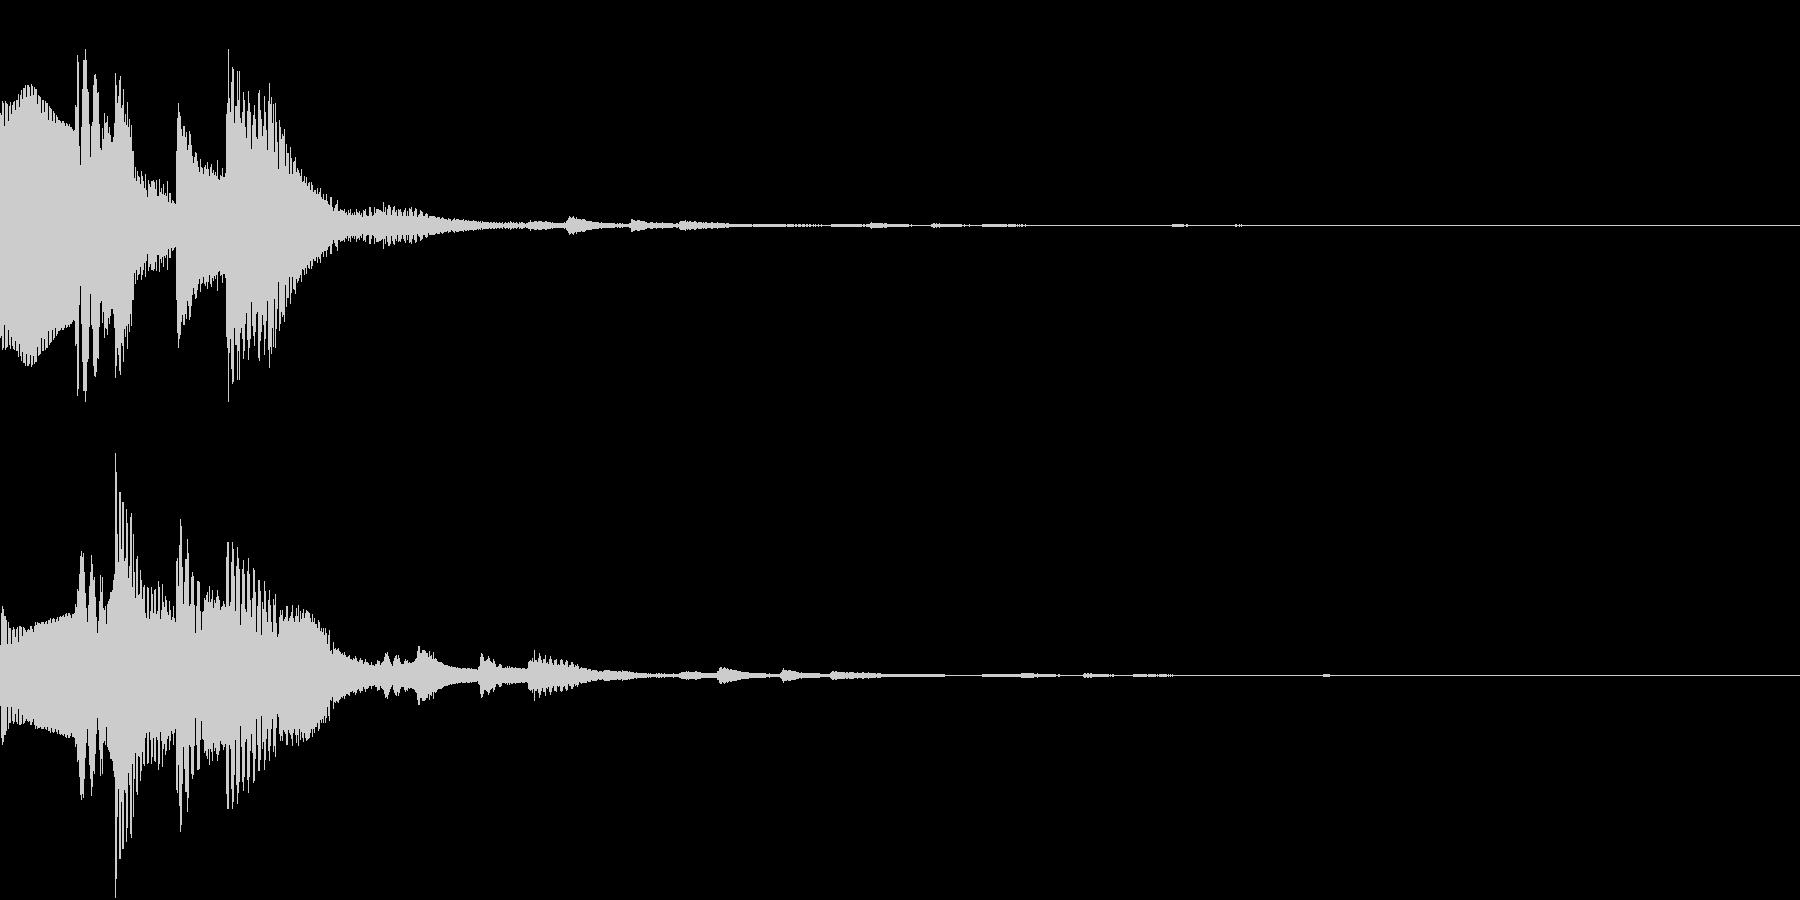 GameSFX ゲーム内の効果音 1の未再生の波形